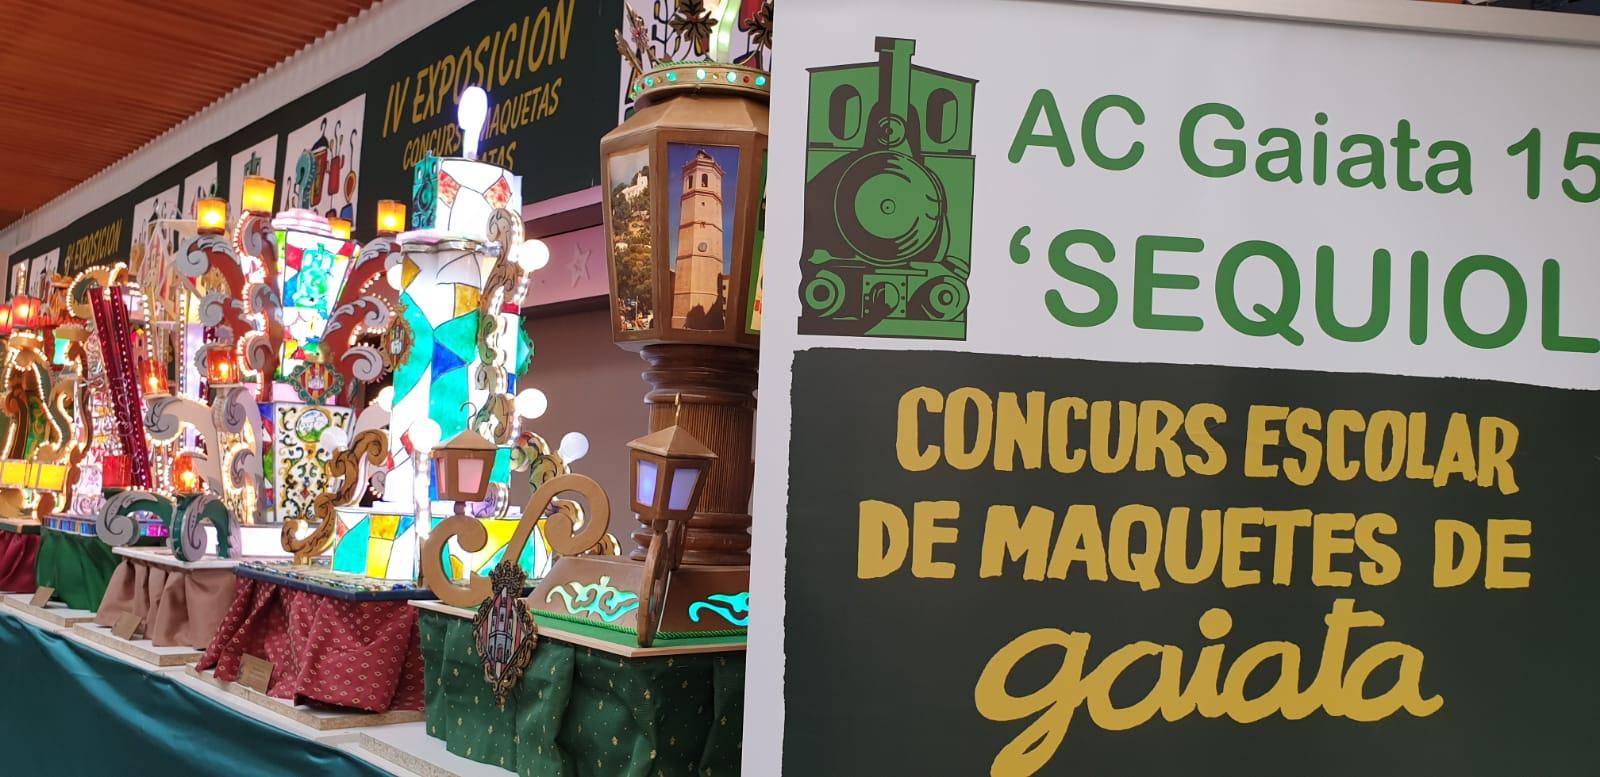 Inauguracionmaquetascarrefour-2019-06-20-21-32-08 (3)